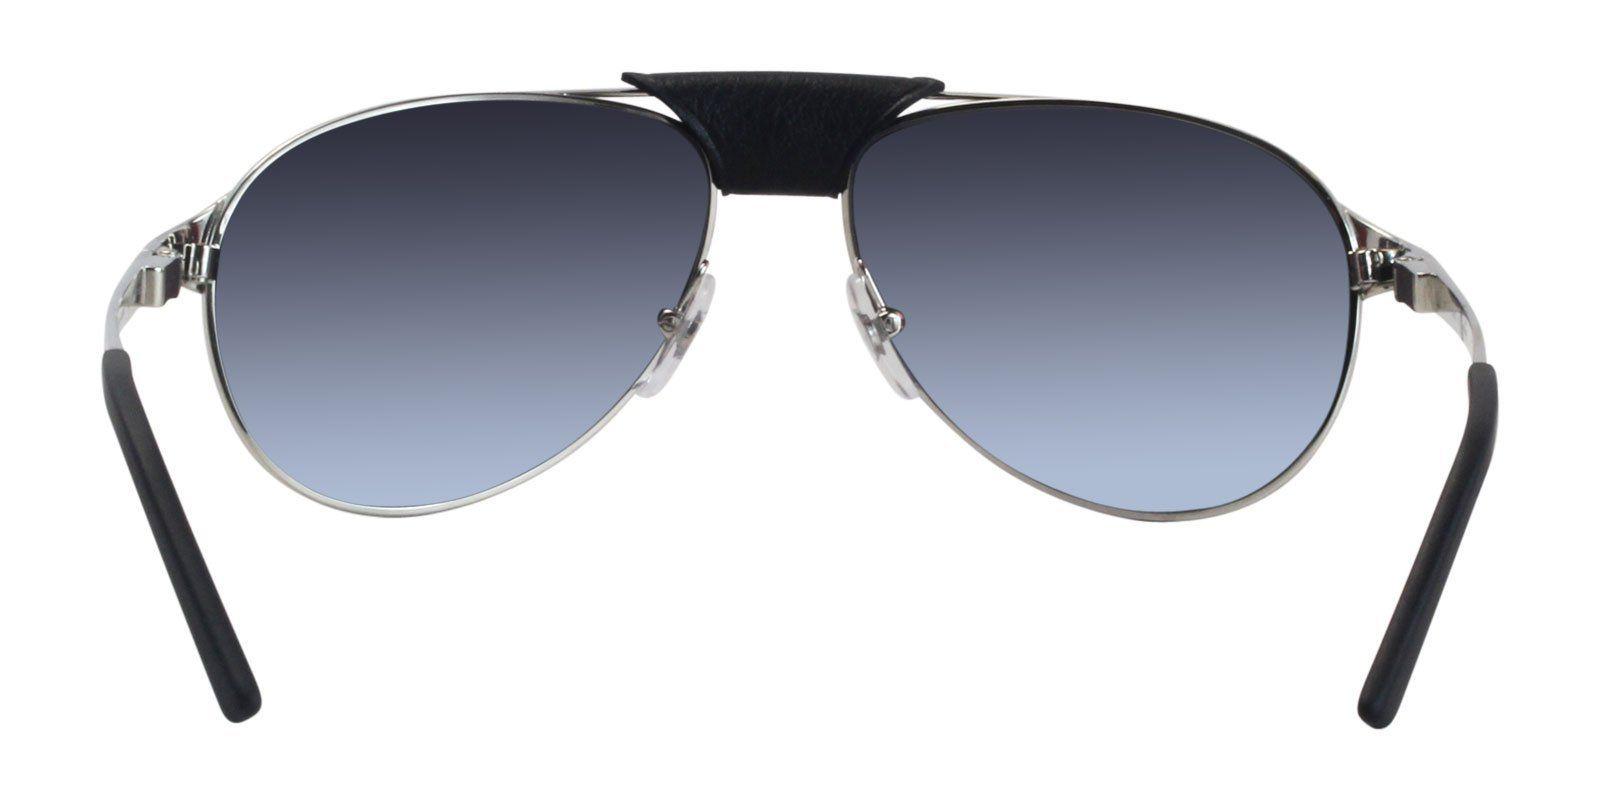 b8620f99dc2b2 Cartier - Santos De Cartier T8200891 sunglasses